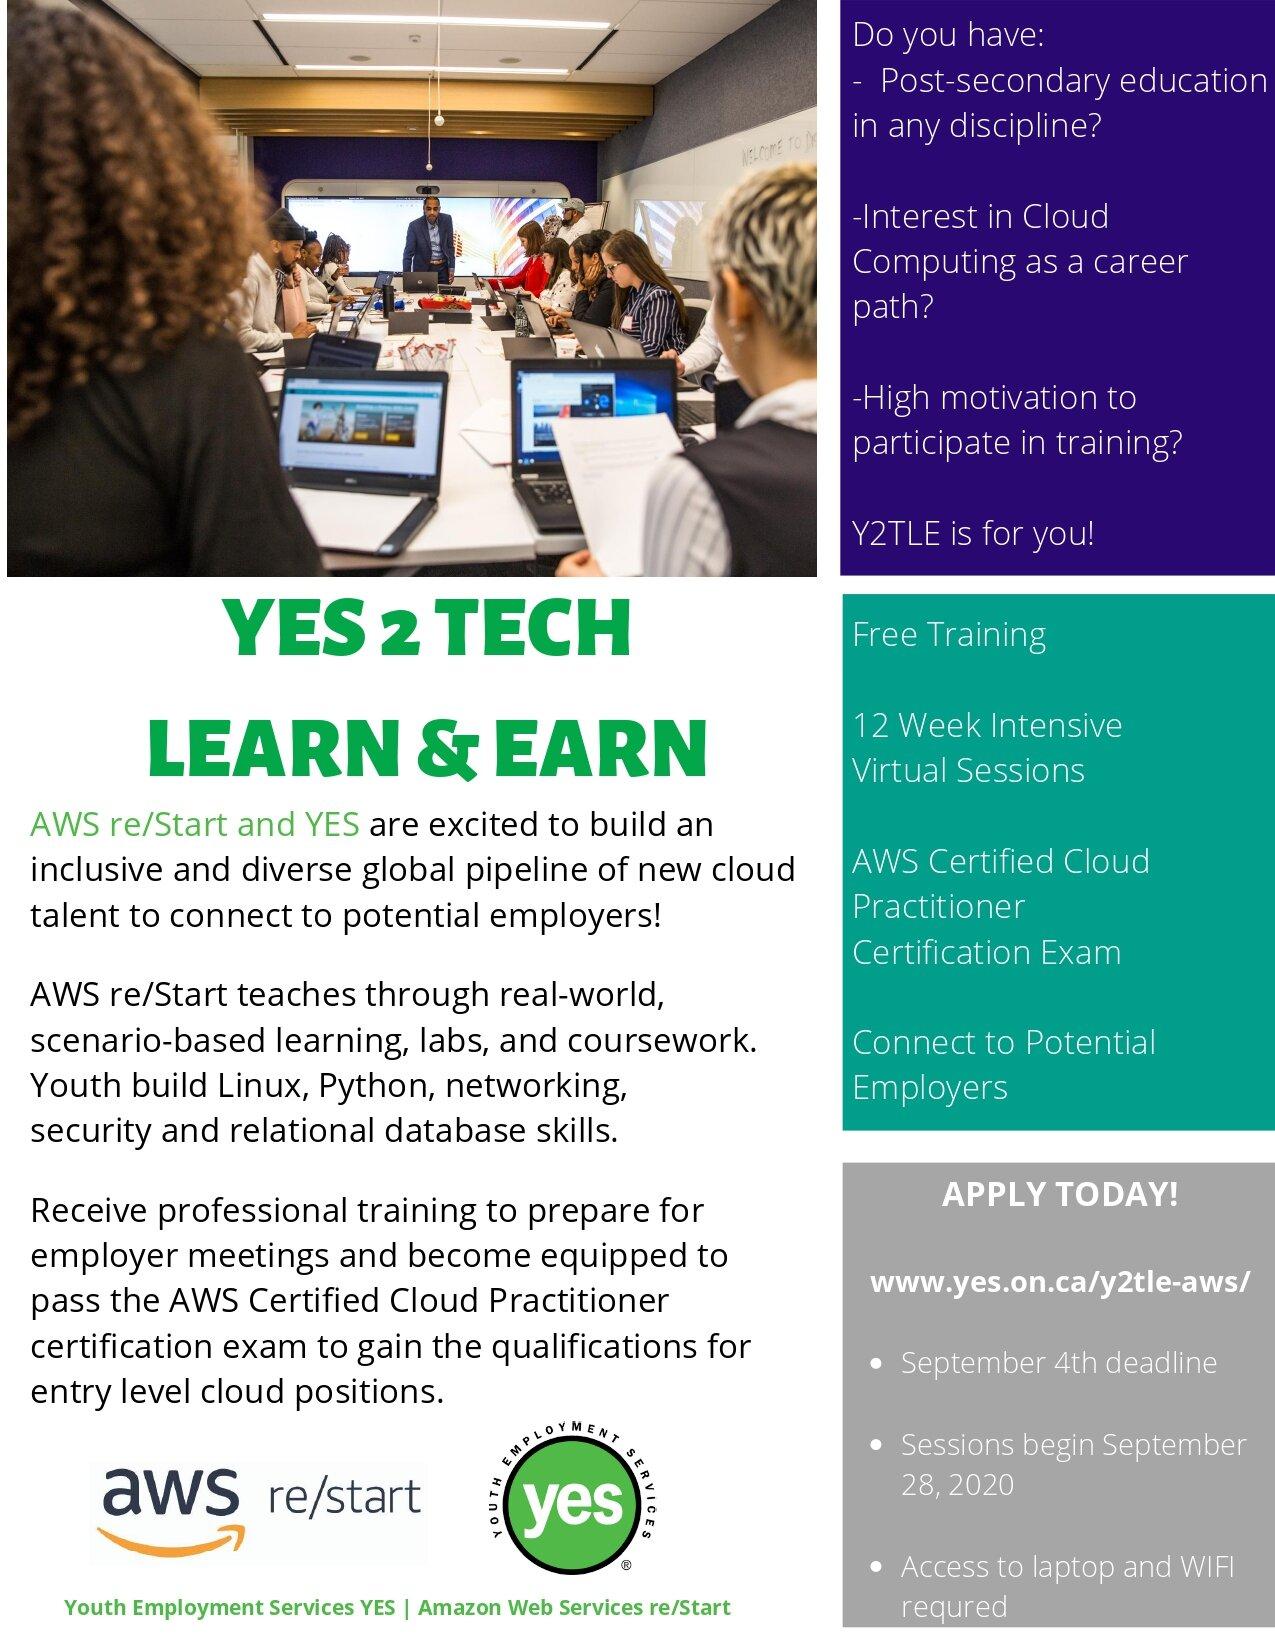 YES2Tech Learn & Earn